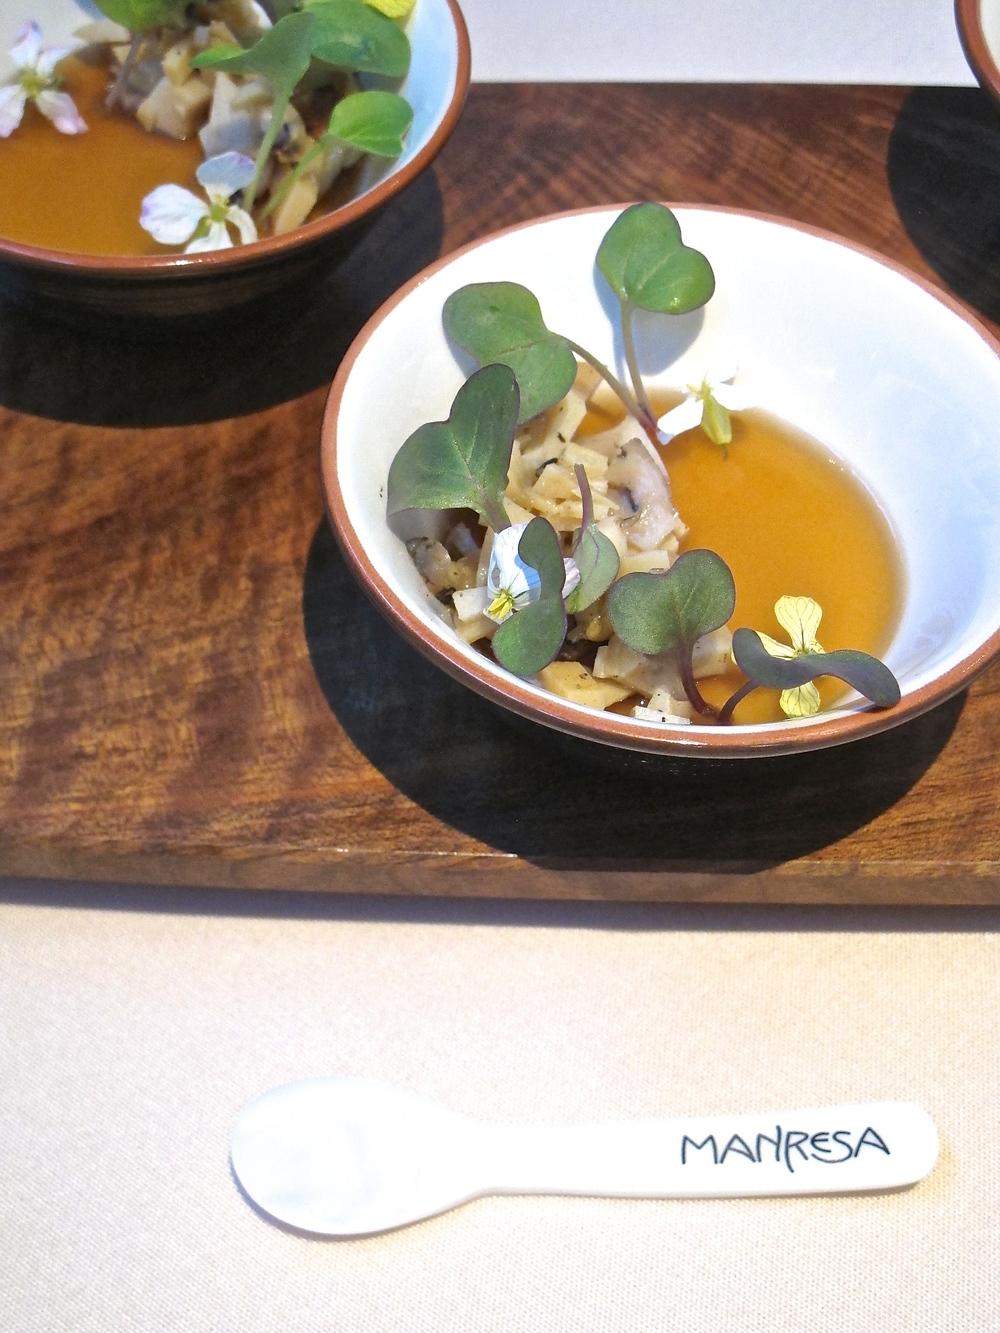 Manresa's abalone